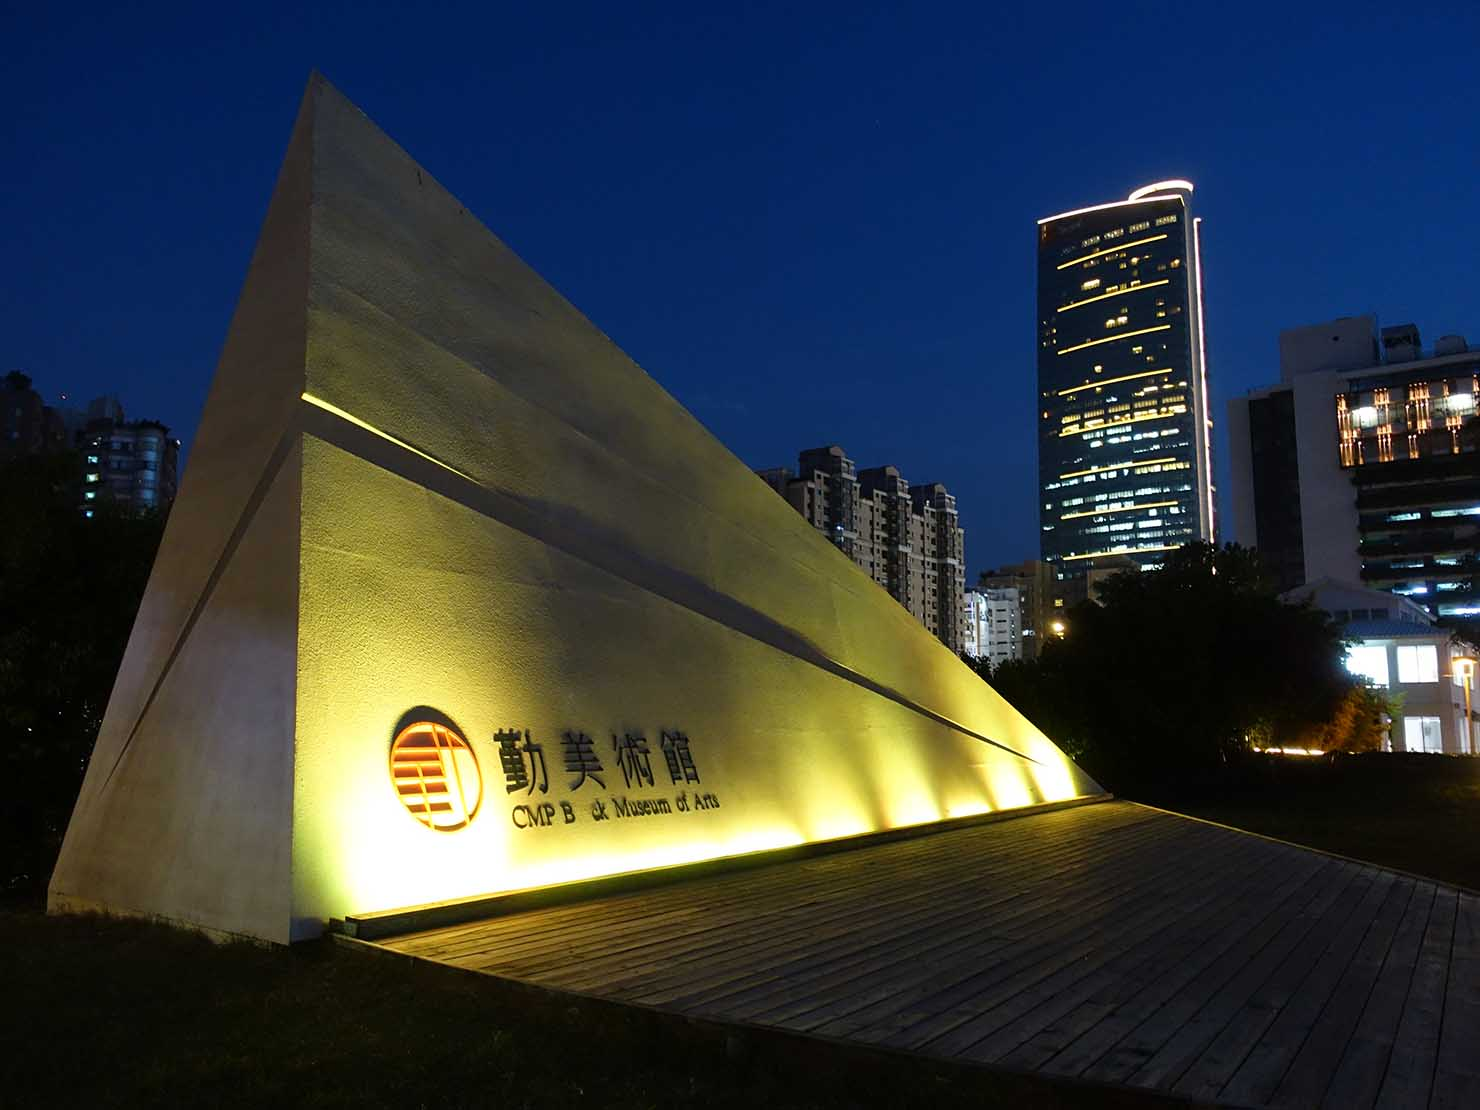 台中観光のおすすめスポット「勤美誠品綠園道」にある勤美術館